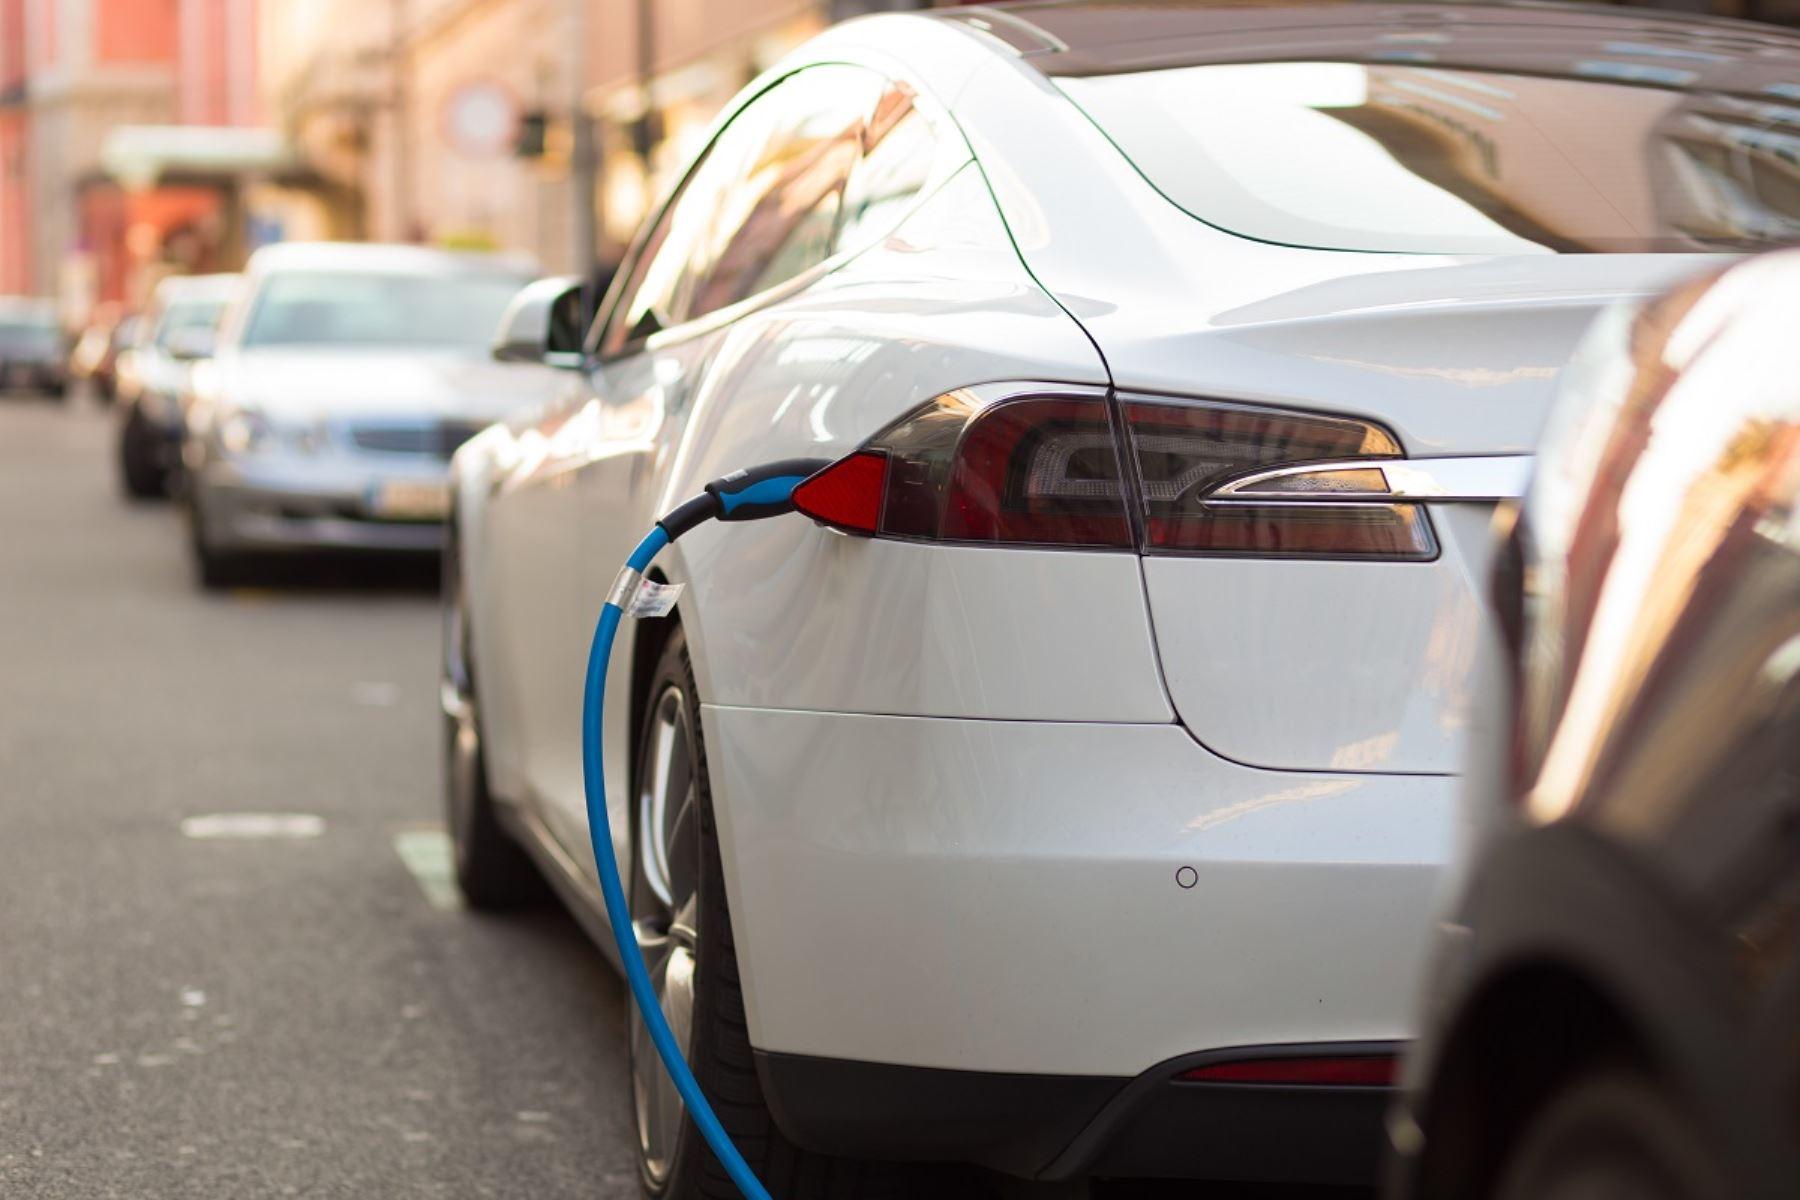 Futuro de movilidad urbana será con vehículos autónomos y electrificados